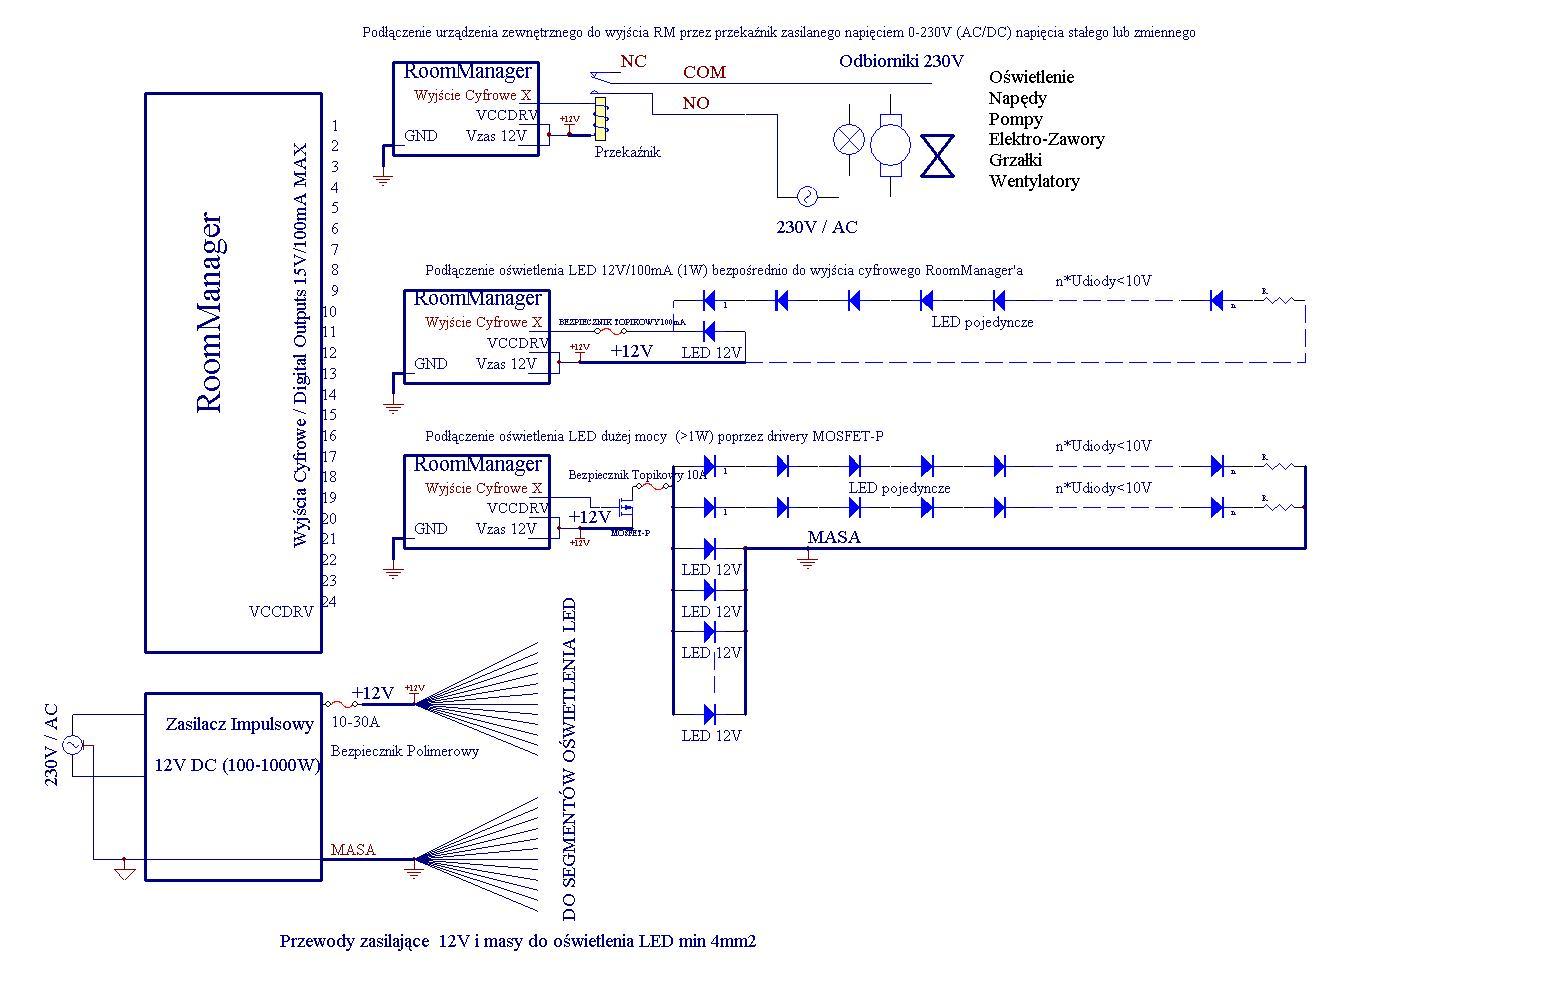 Inteligentny Dom eHouse - Schemat połączeń jednego segmentu instalacji (pomieszczenia)